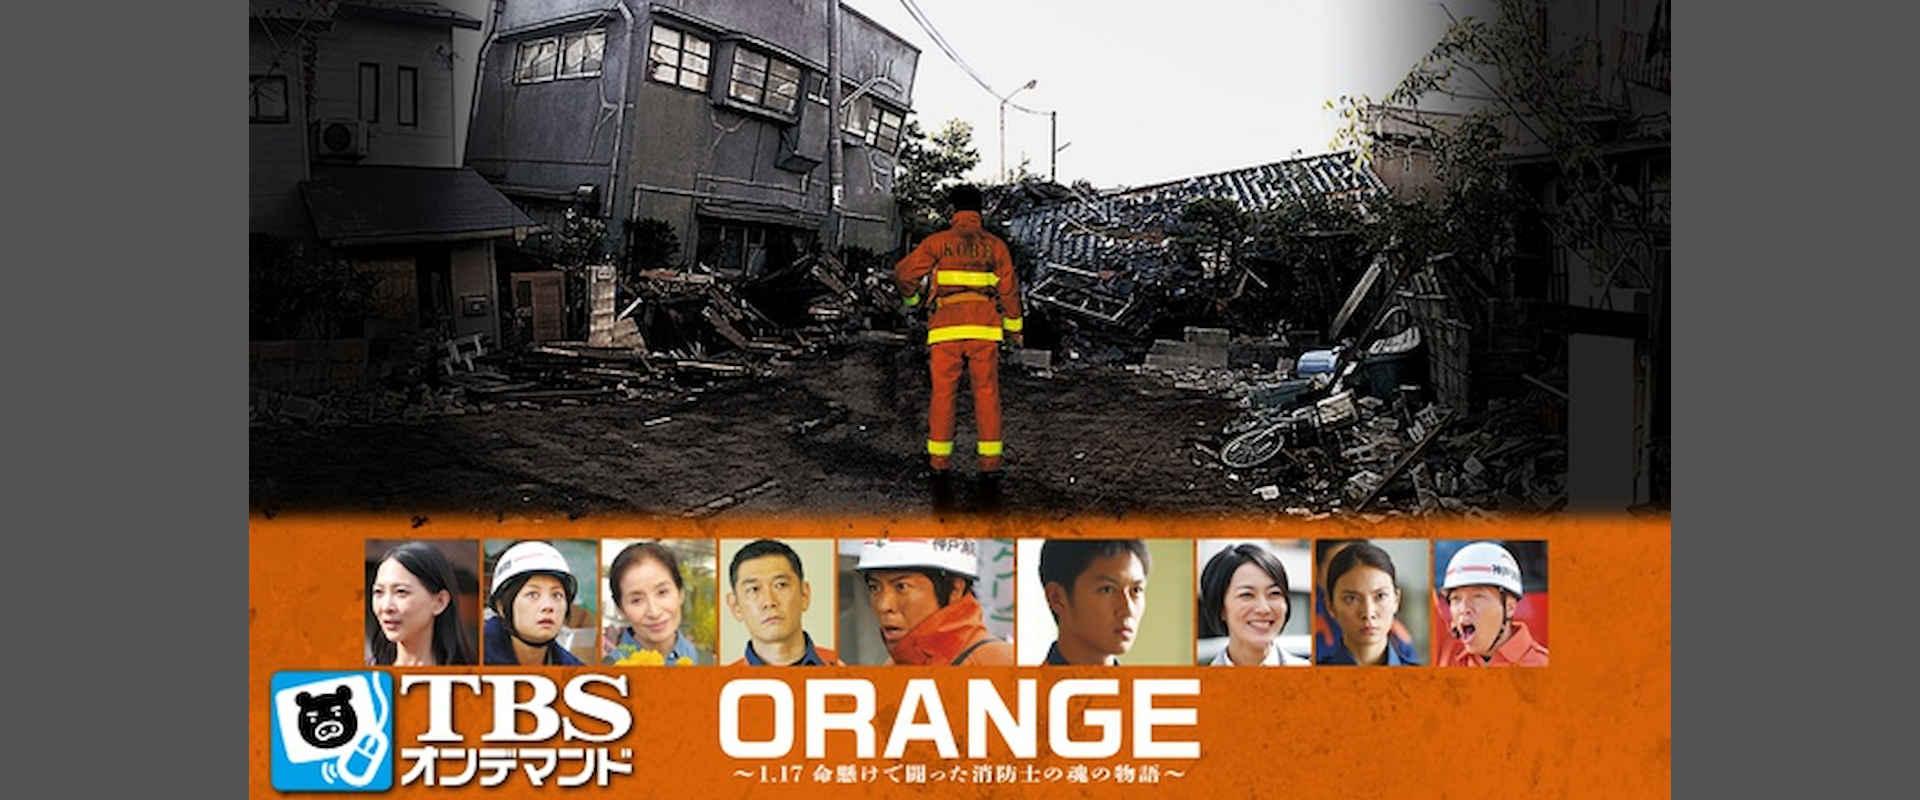 ORANGE~1.17 命懸けで闘った消防士の魂の物語~はどれで配信してる?